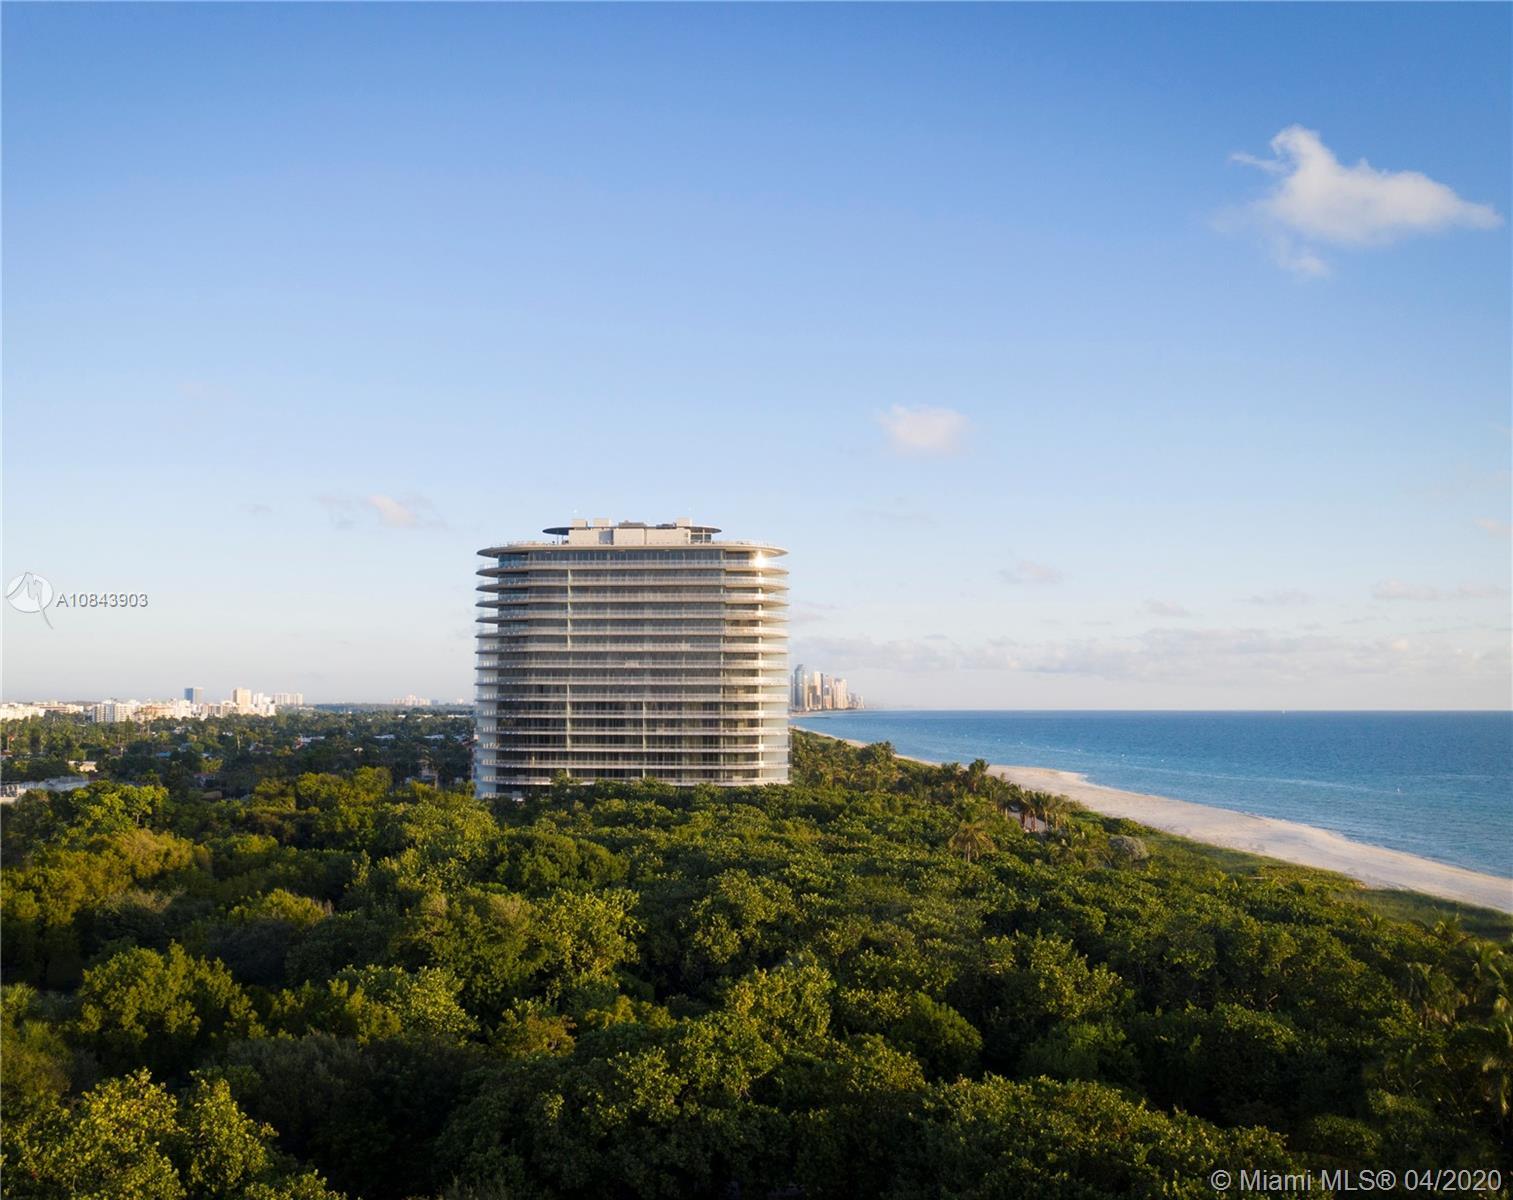 8701 Collins Avenue # 1201, Miami Beach, Florida 33154, 3 Bedrooms Bedrooms, ,4 BathroomsBathrooms,Residential,For Sale,8701 Collins Avenue # 1201,A10843903